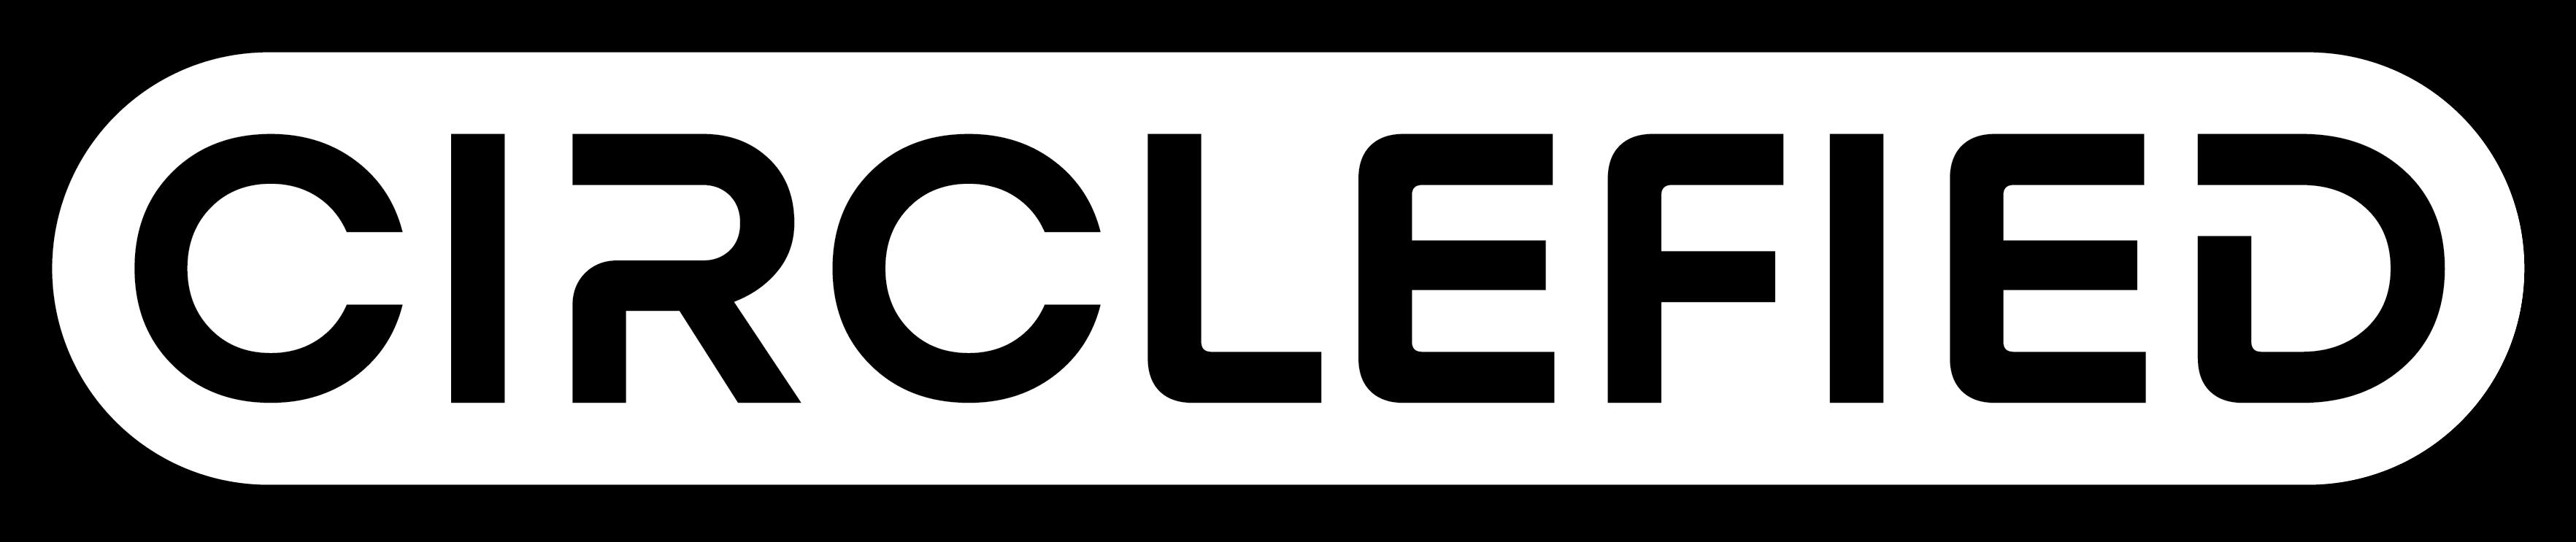 Circlefied logo